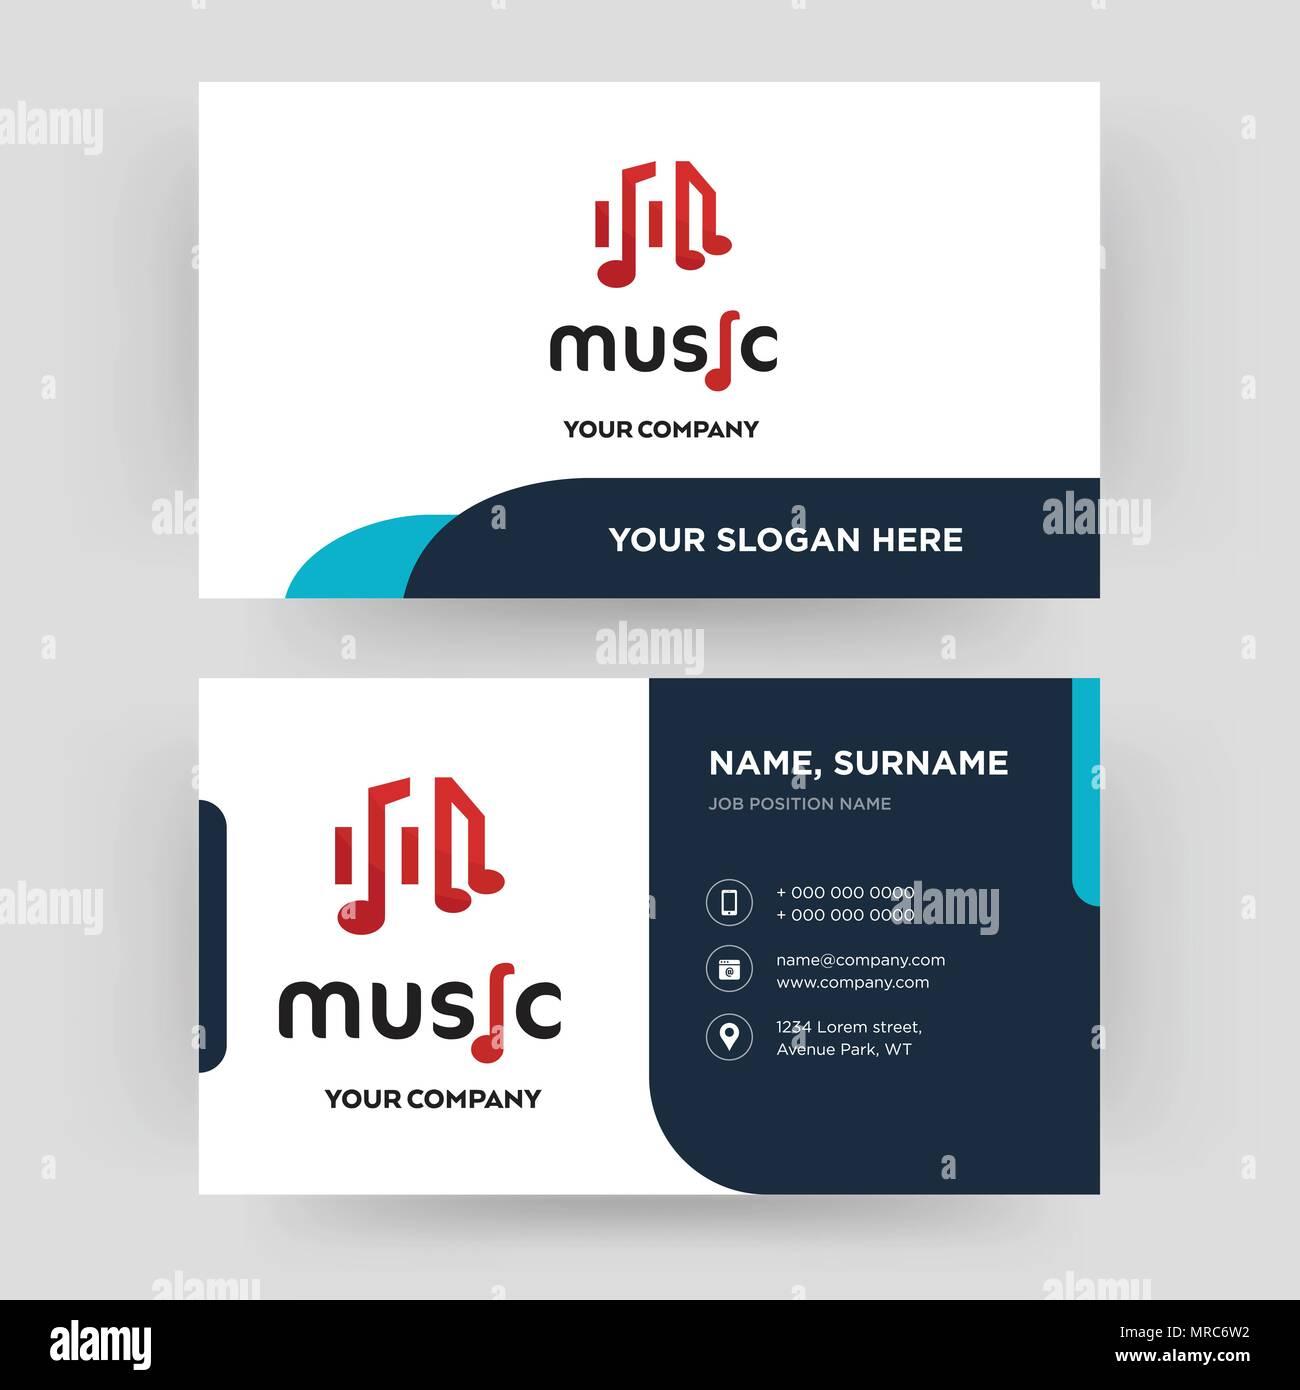 La Musique Le Modle De Conception Carte Visite Pour Votre Entreprise Crative Et Moderne Didentit Propre Vector